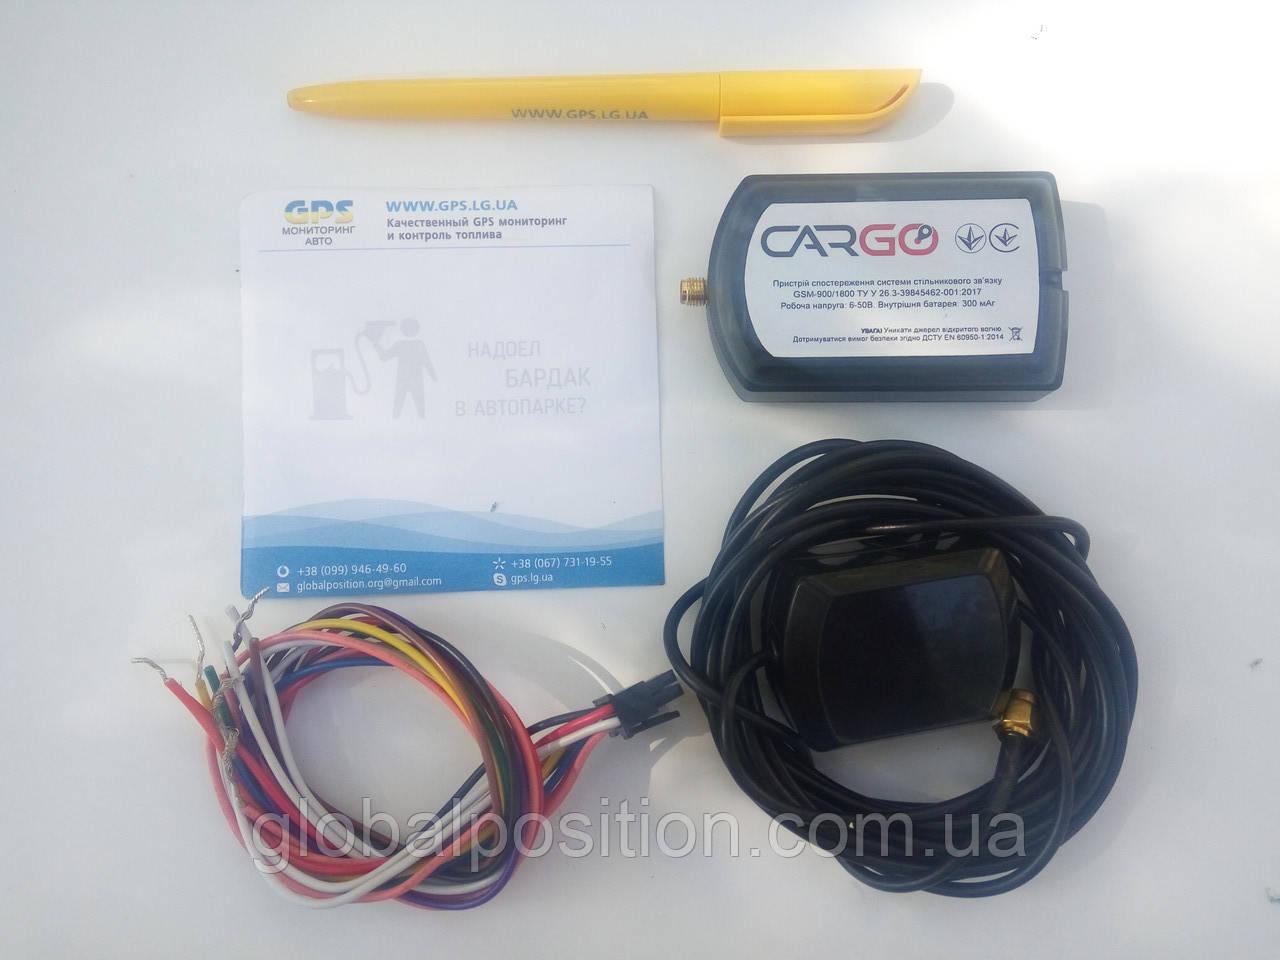 Автомобильный трекер GPS/Глонасс CARGO Pro (RS485)